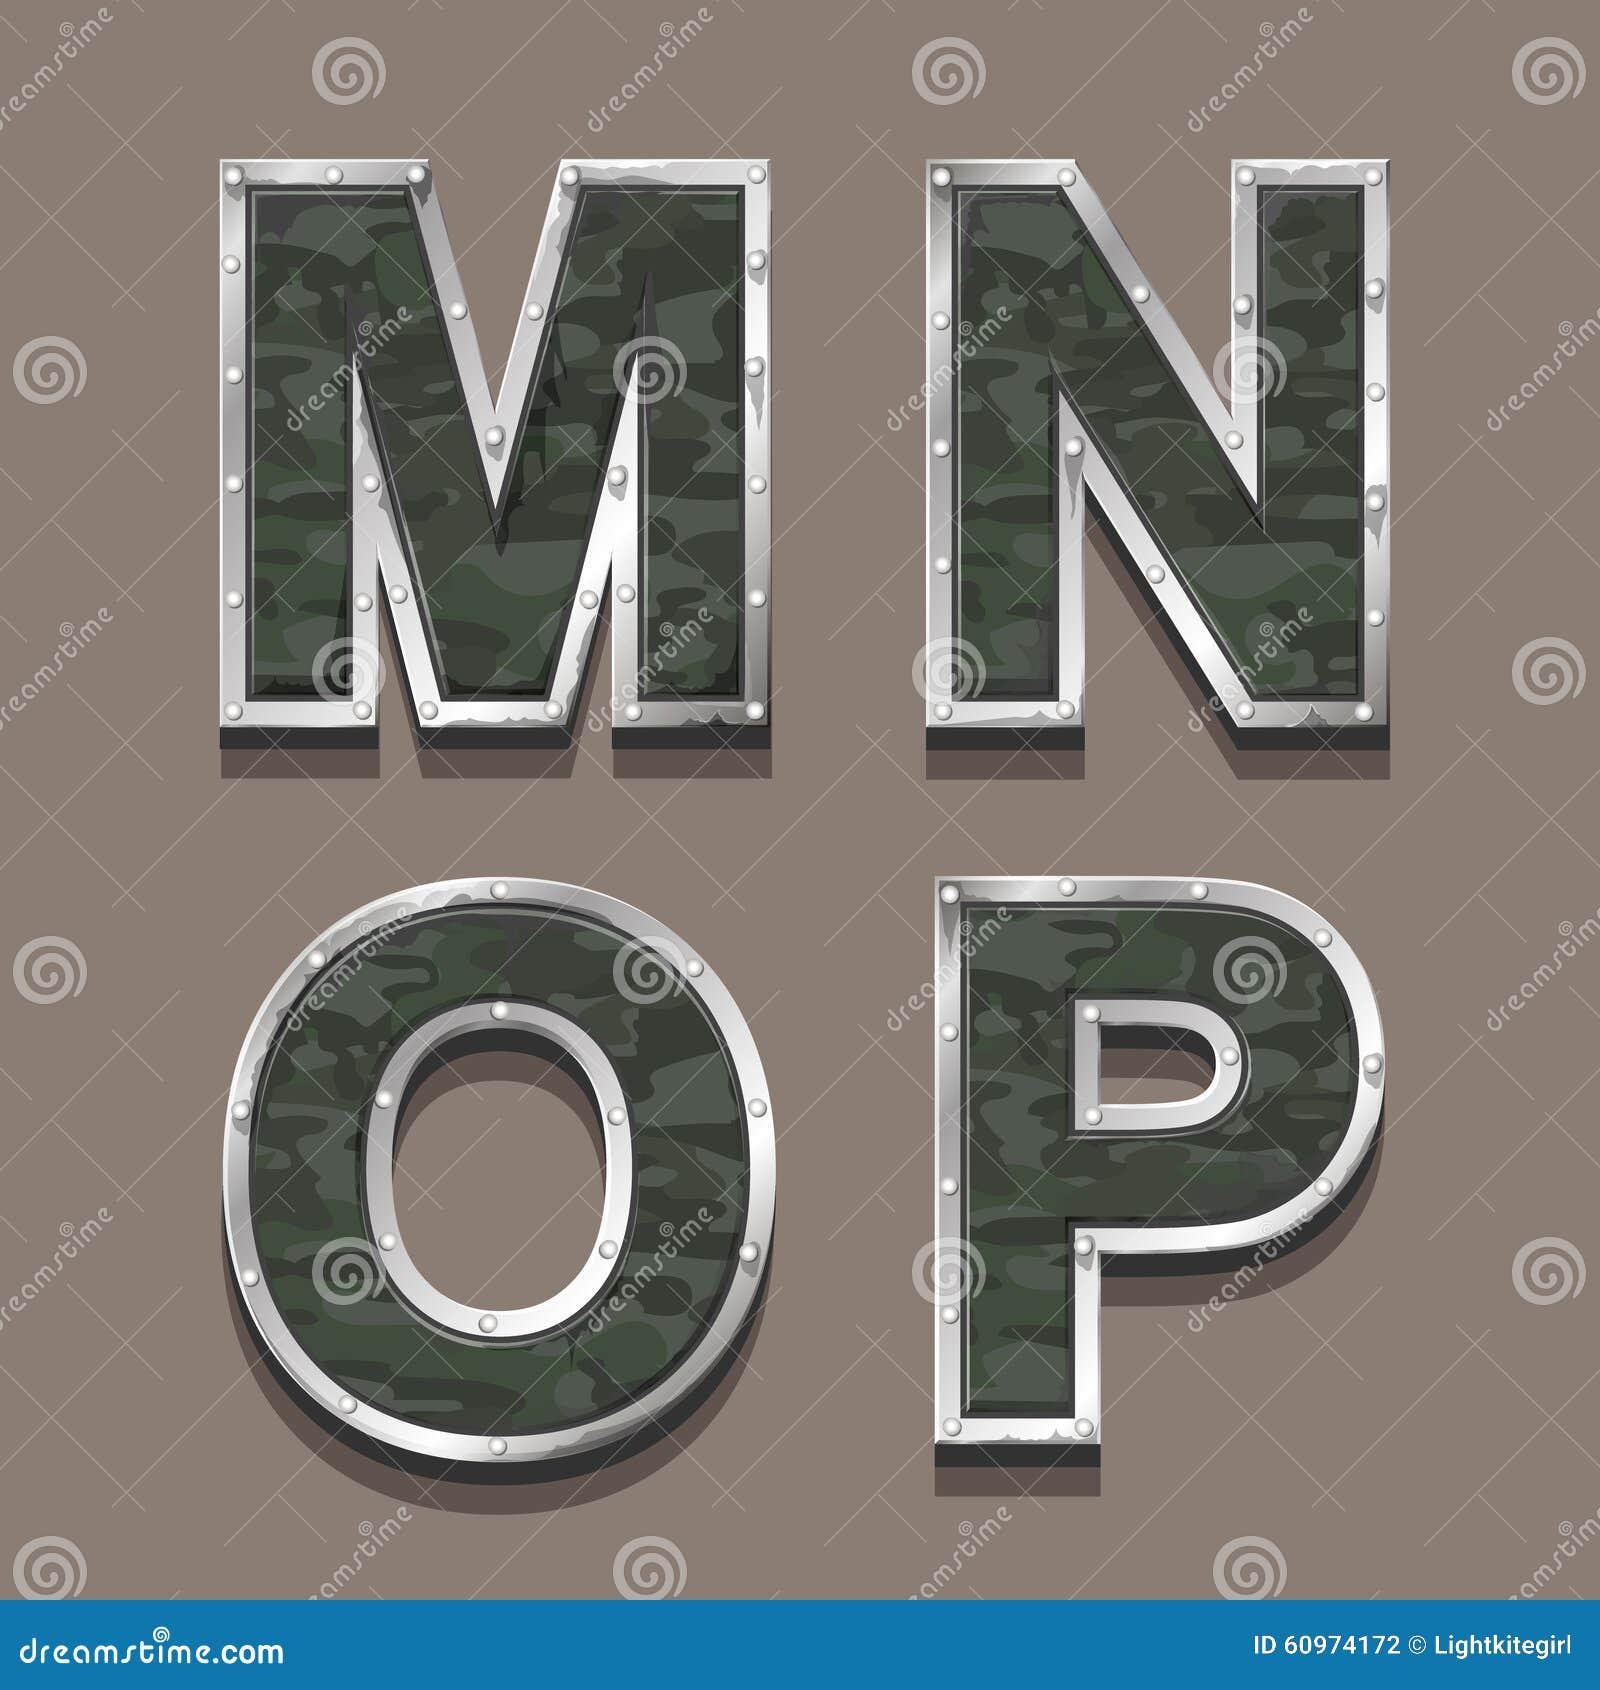 El Militar Pone Letras A Alfabeto De Color Caqui Metálico De Acero ...